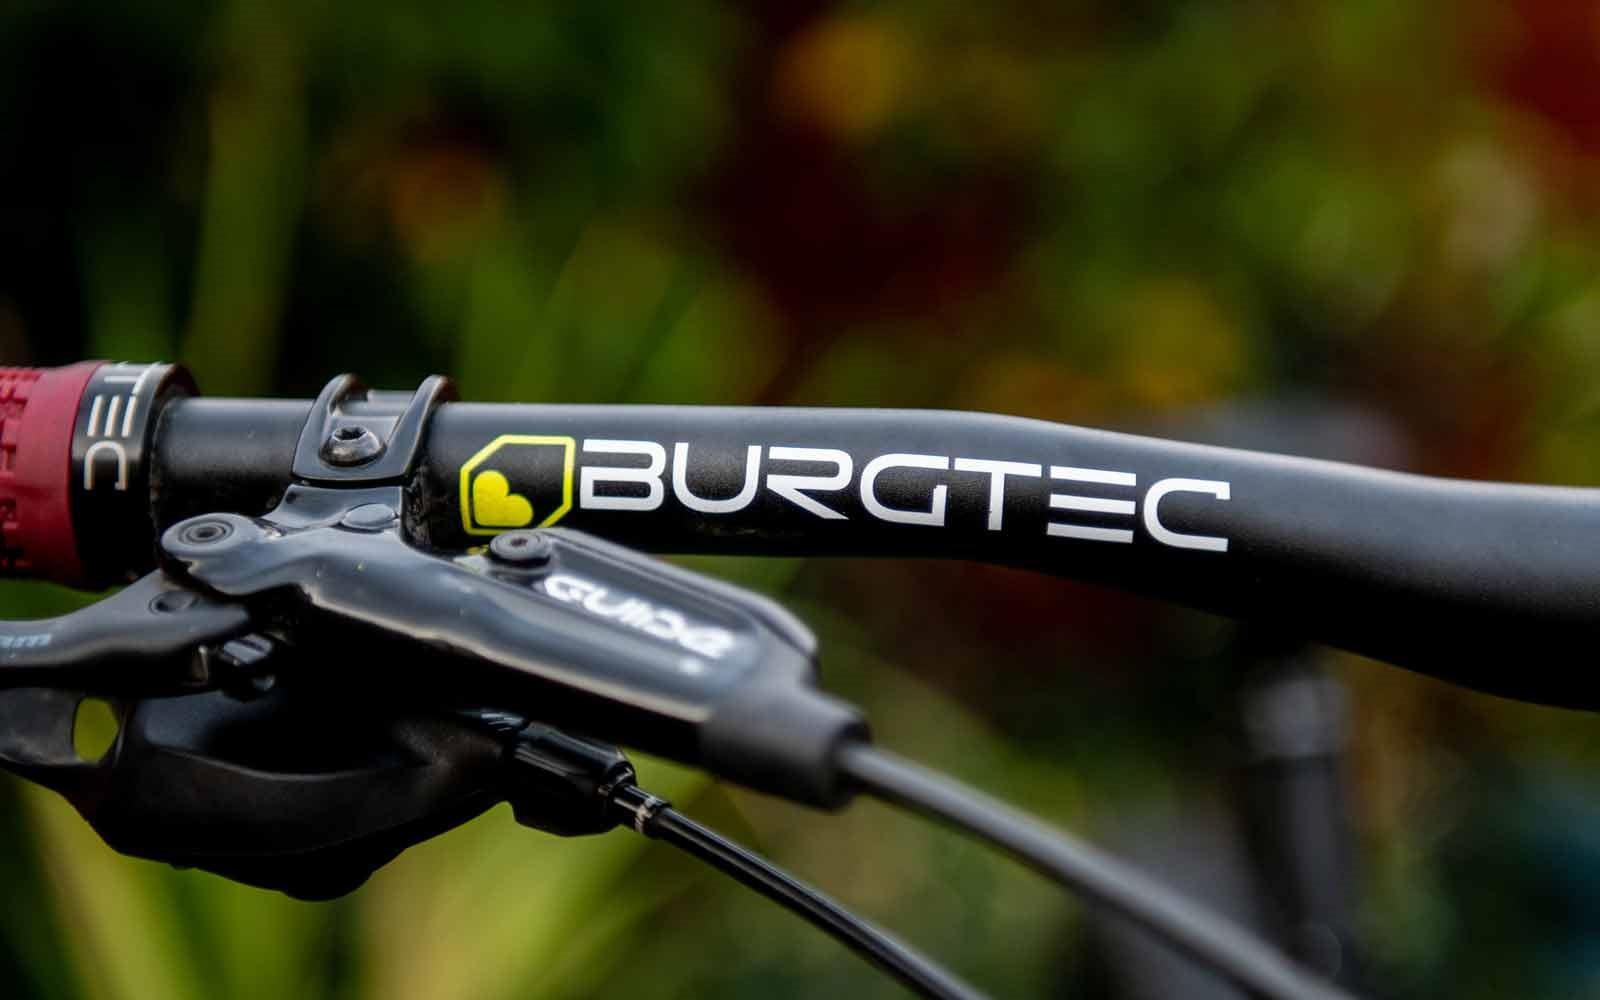 Burgtec-Stumpjumper-4